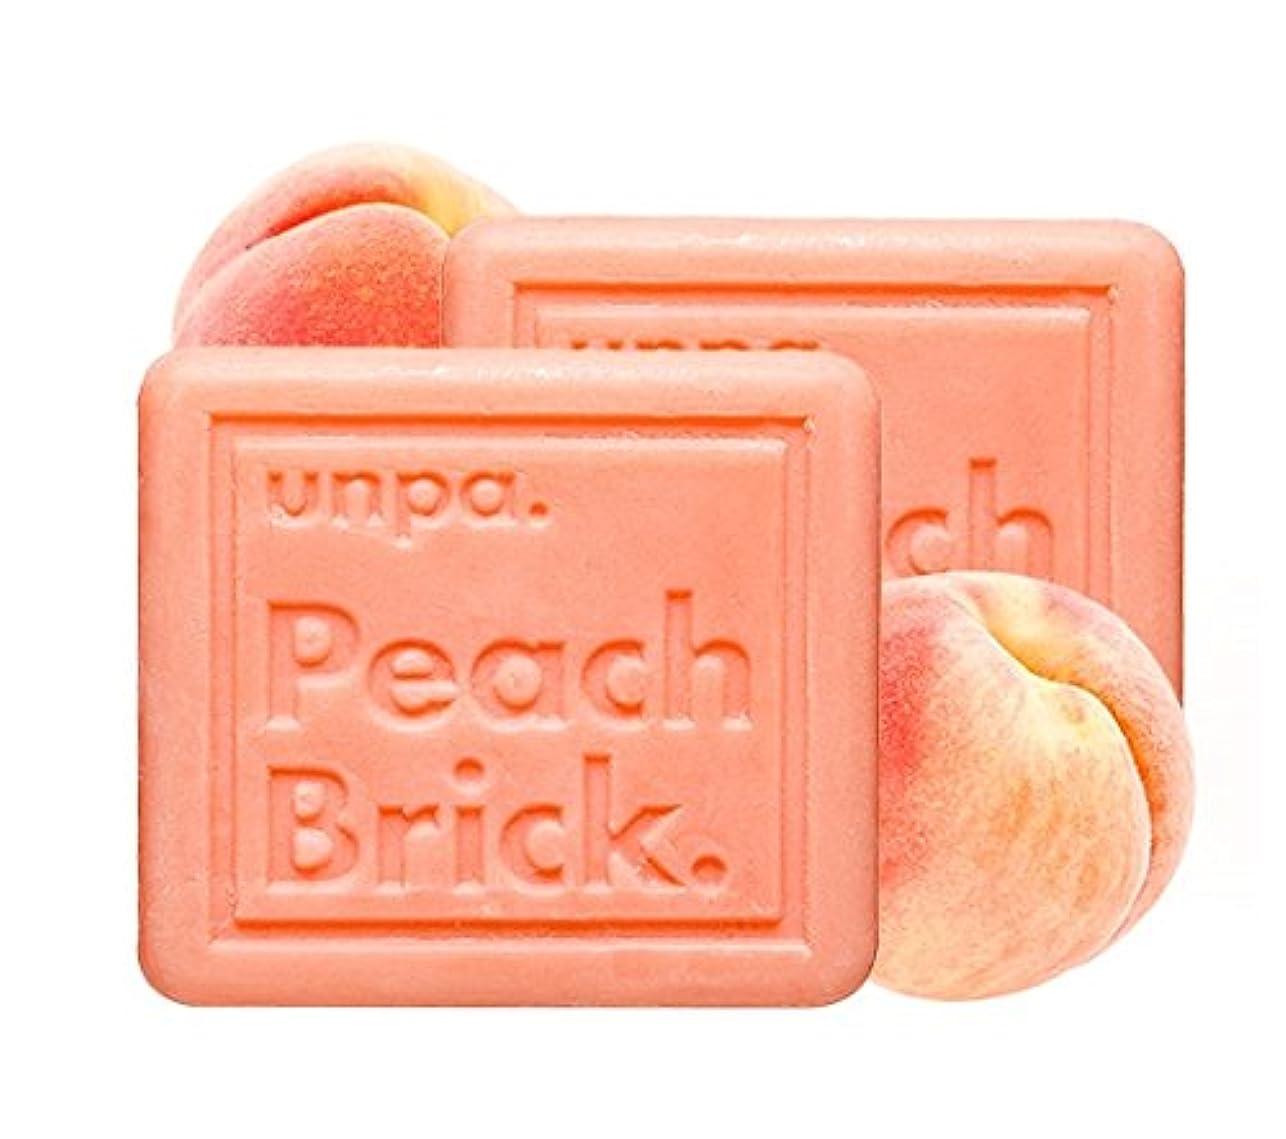 イヤホン根絶するダイエットunpa ピッチ?ブリック?トンアップ?ソープ(Peach Brick Tone-Up Soap)